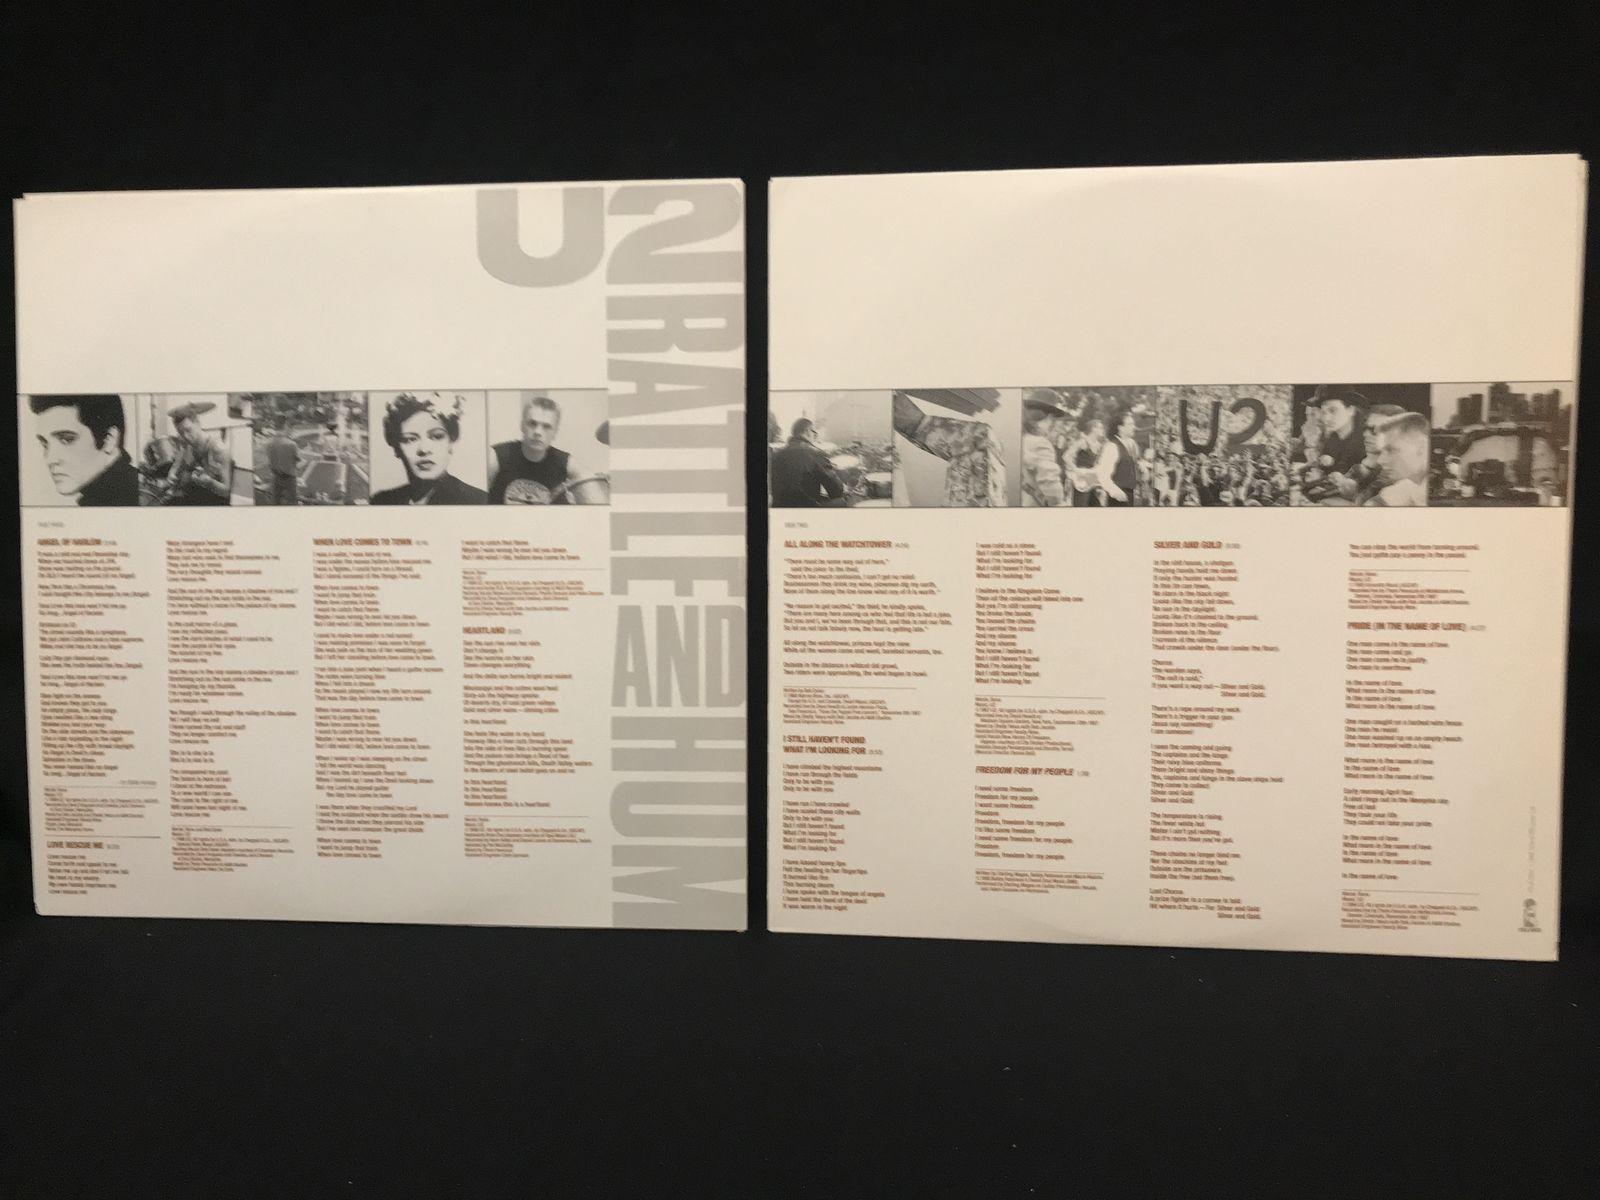 U2 - Rattle And Hum 2 LP NM Gatefold 1988 Canada Press Classic Rock